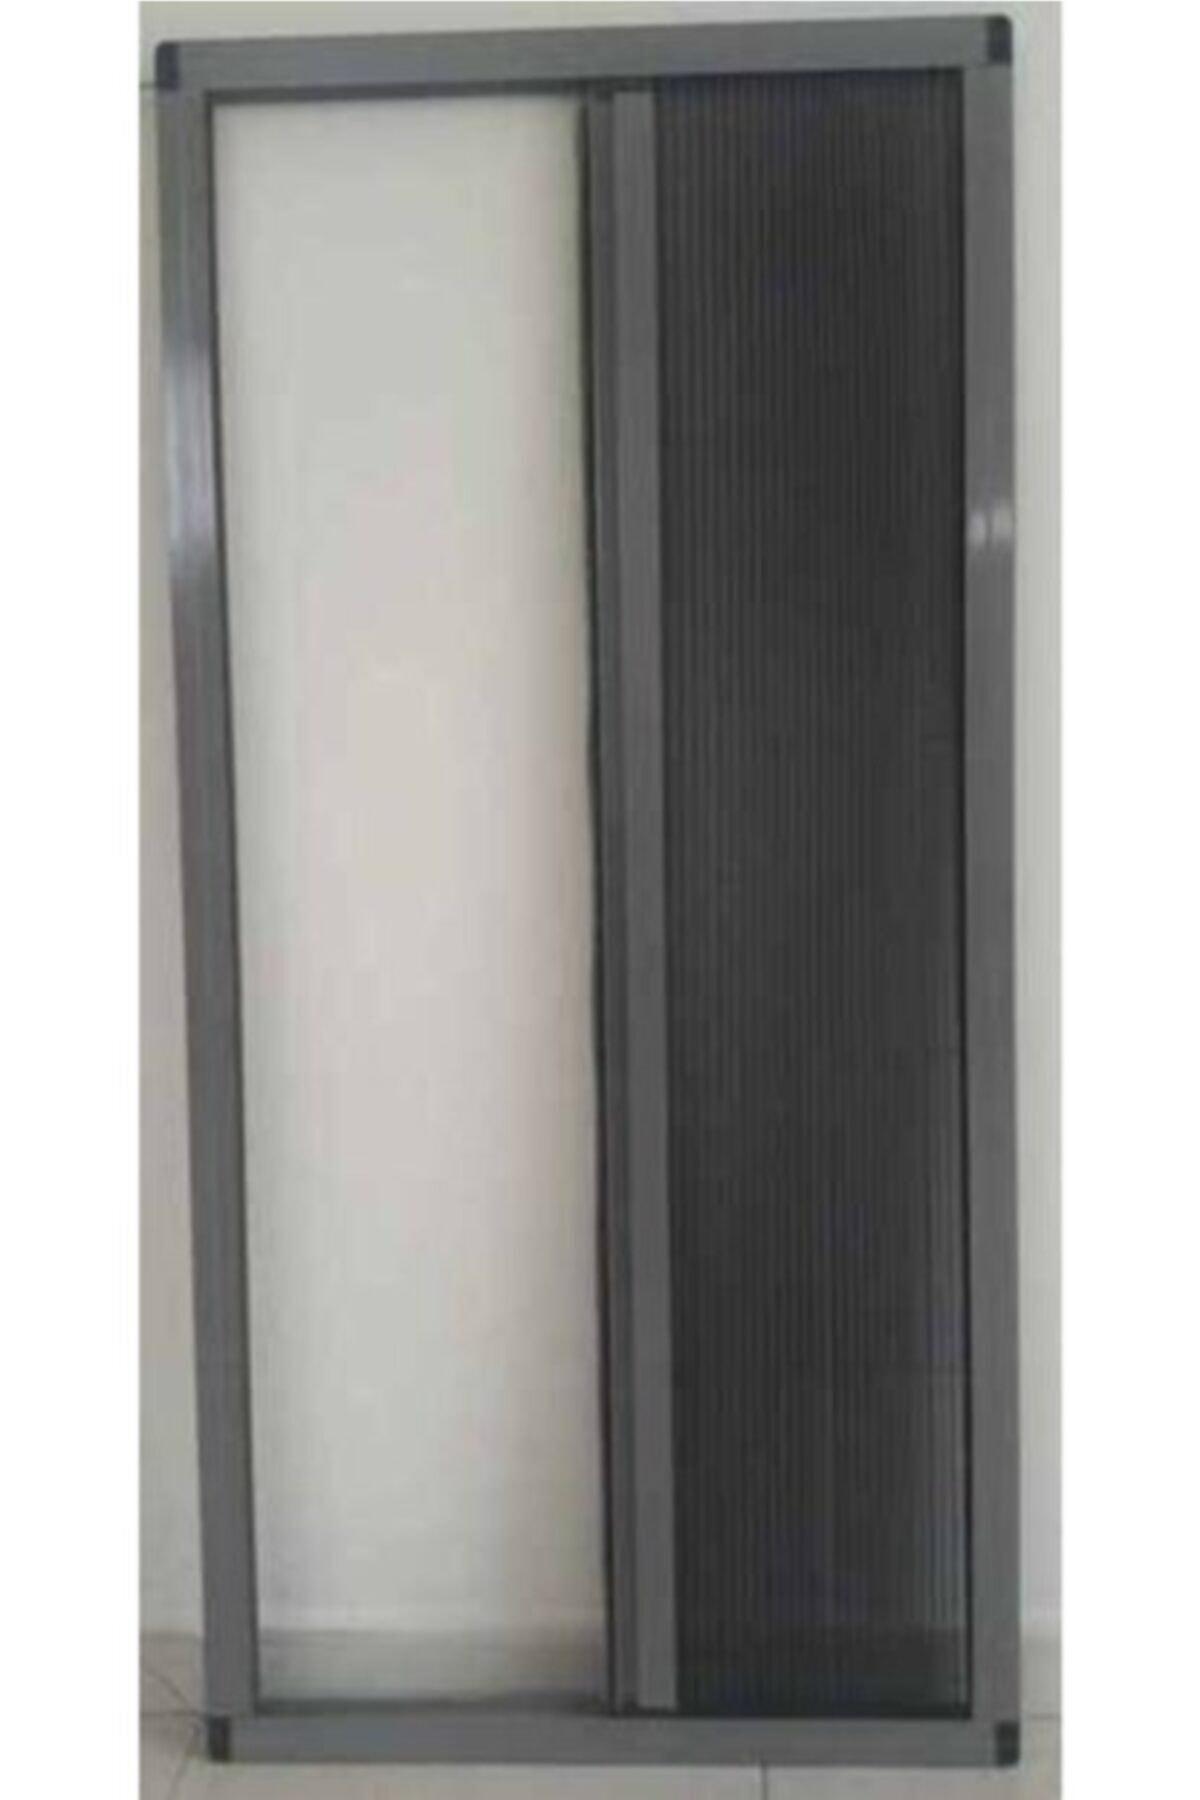 Antrasit Gri Plise Sineklik Akordiyon Sürgülü Pileli Sineklik Kapı Ve Pencere 40-60x40-60